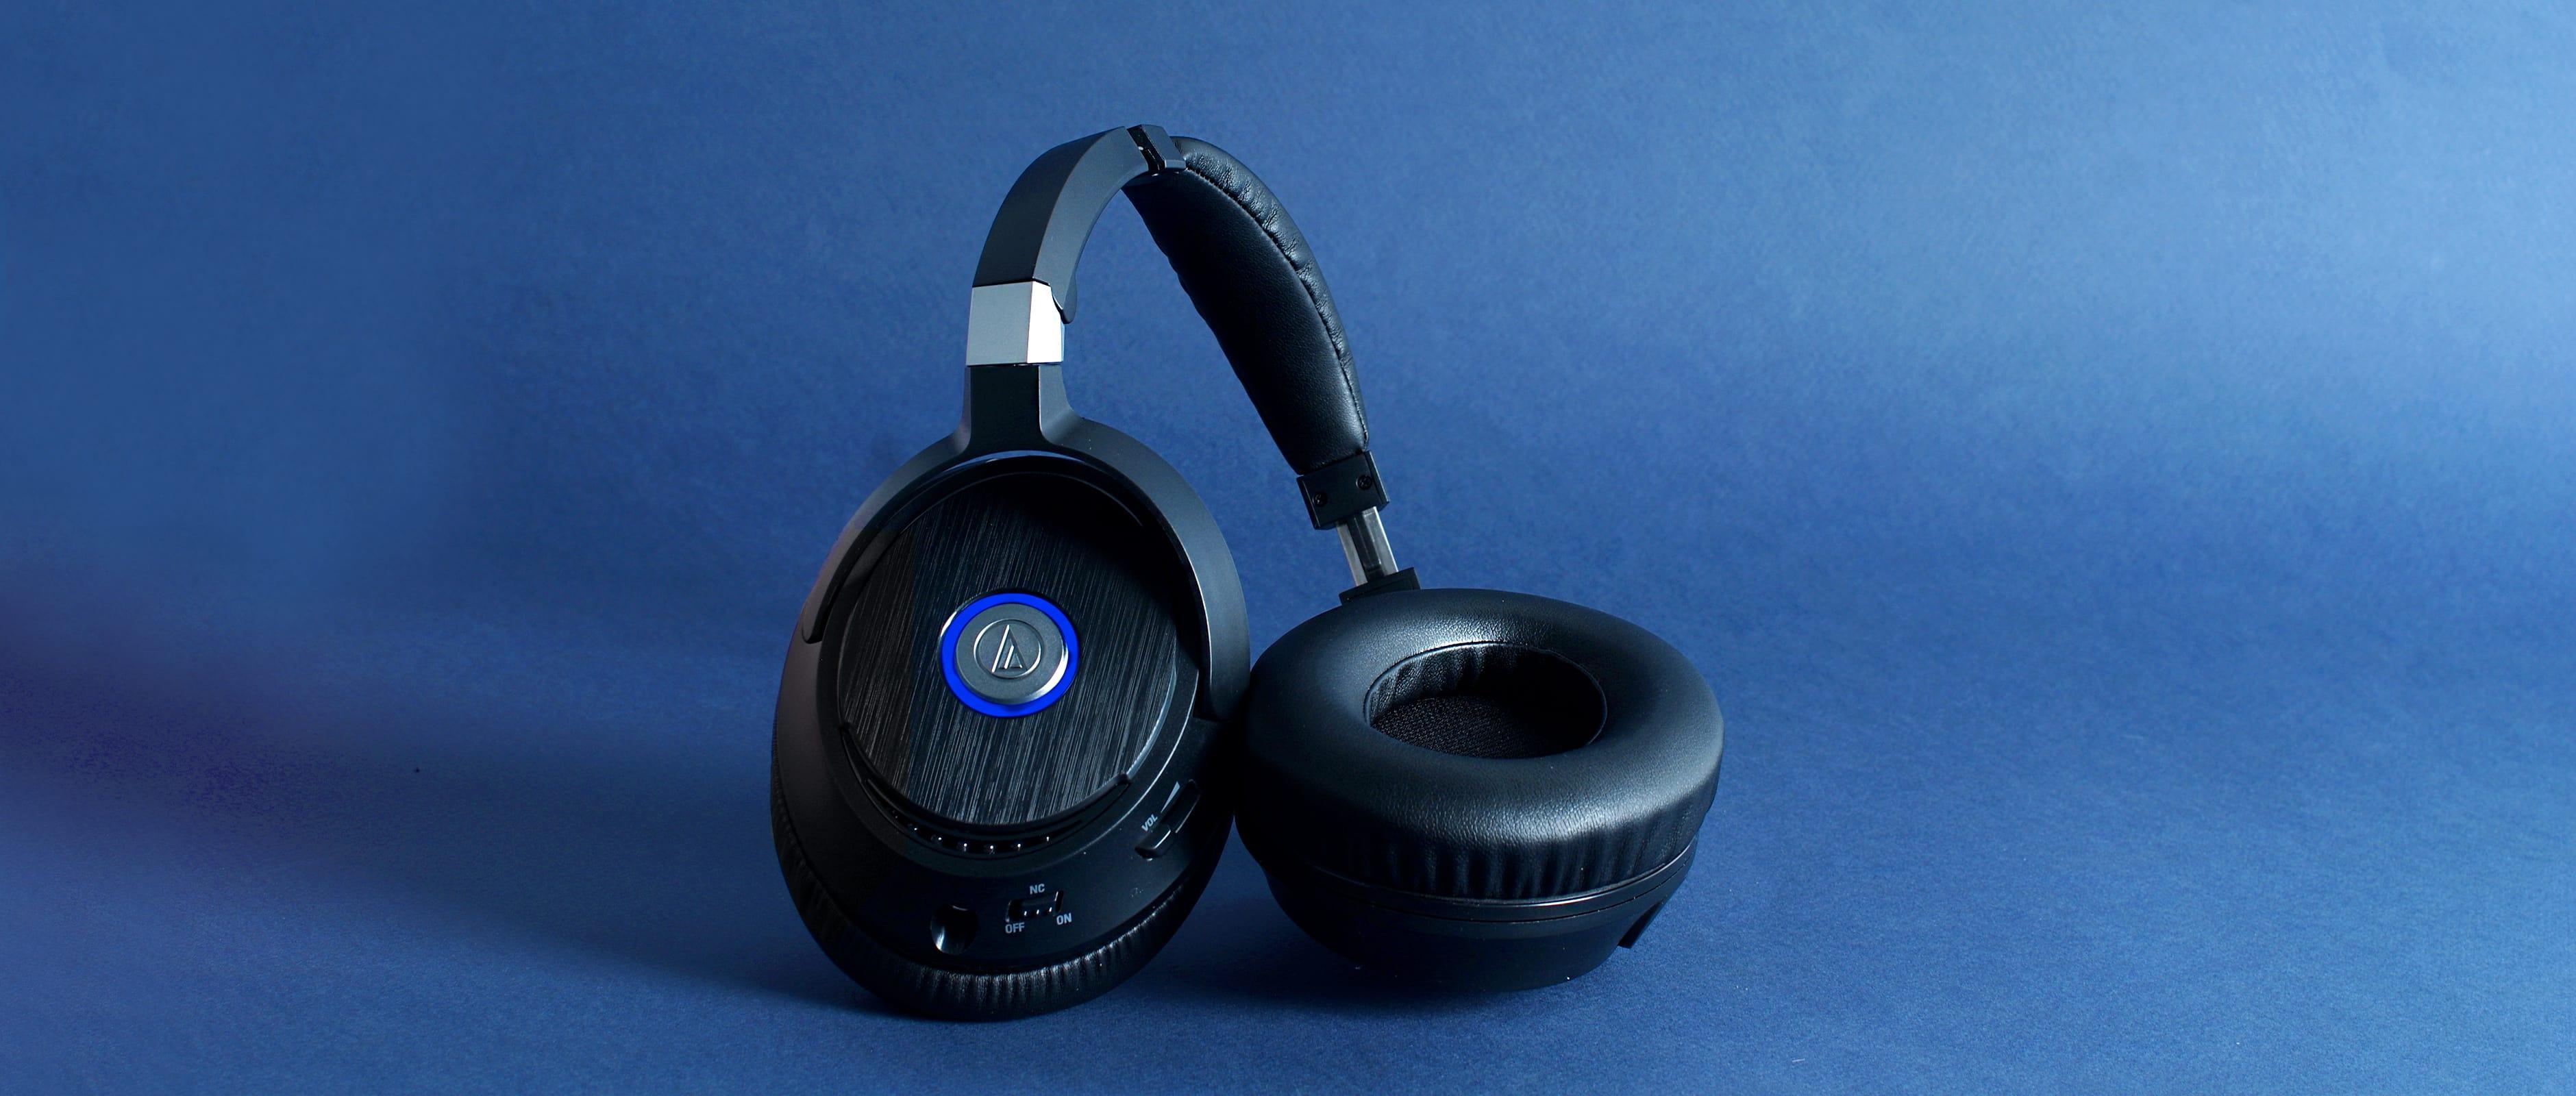 Audio-Technica's ATH-ANC70 QuietPoint headphones